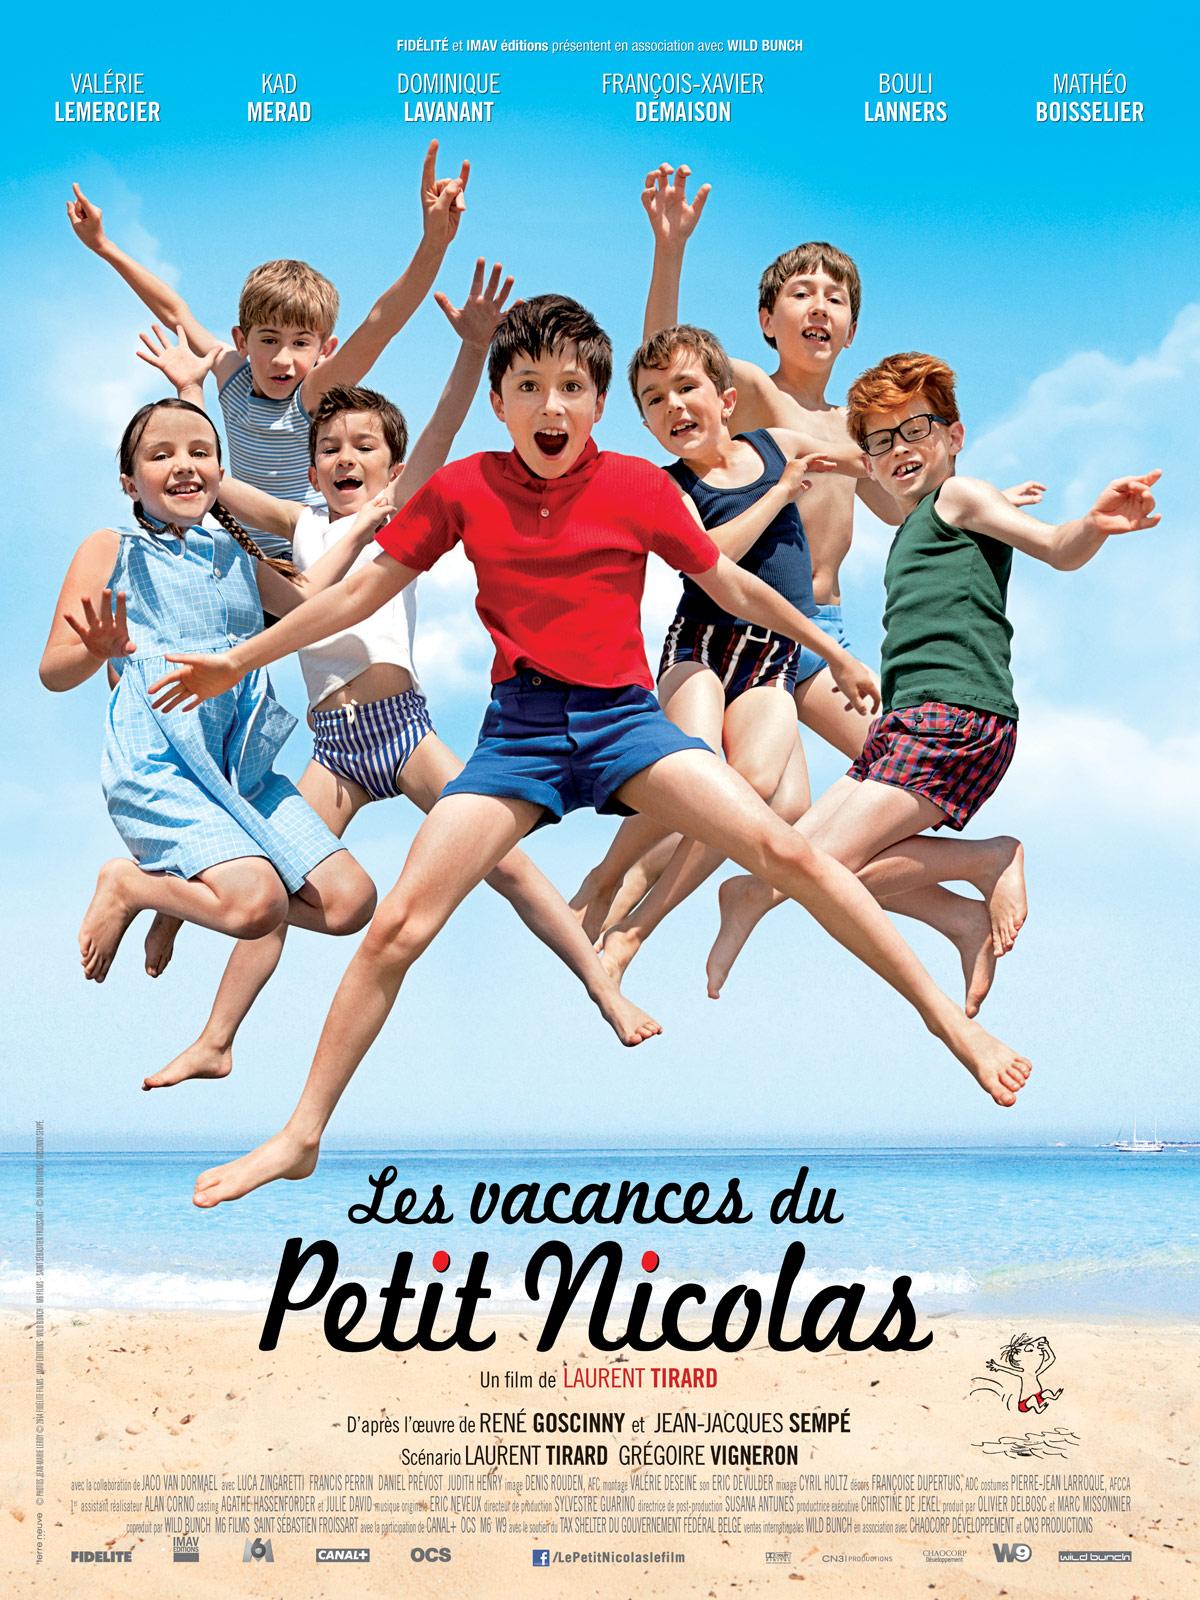 LES VACANCES DU PETIT NICOLAS ( French)